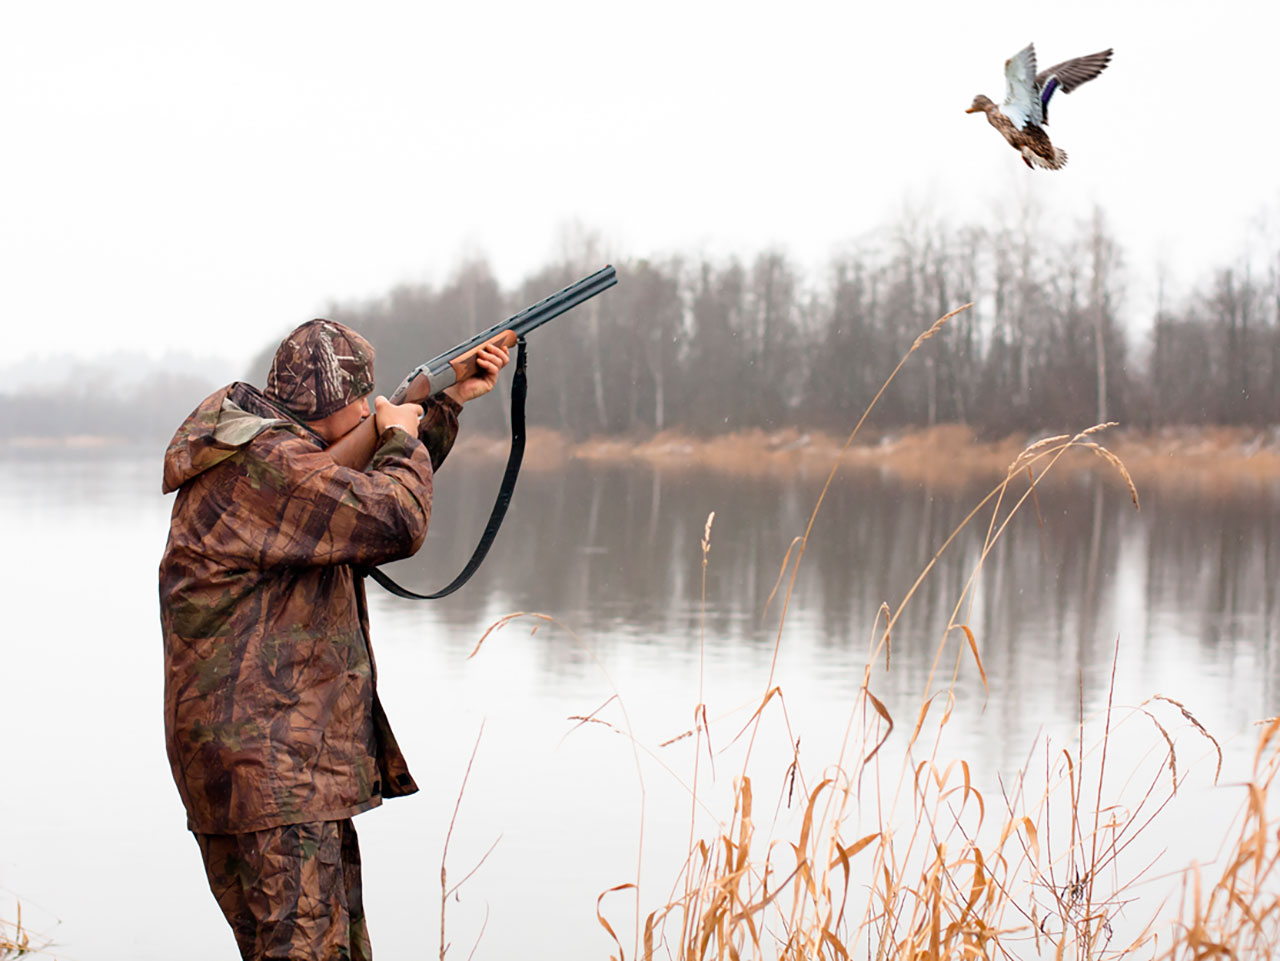 В Омской области разрешили охоту на пернатых, несмотря на птичий грипп #Омск #Общество #Сегодня